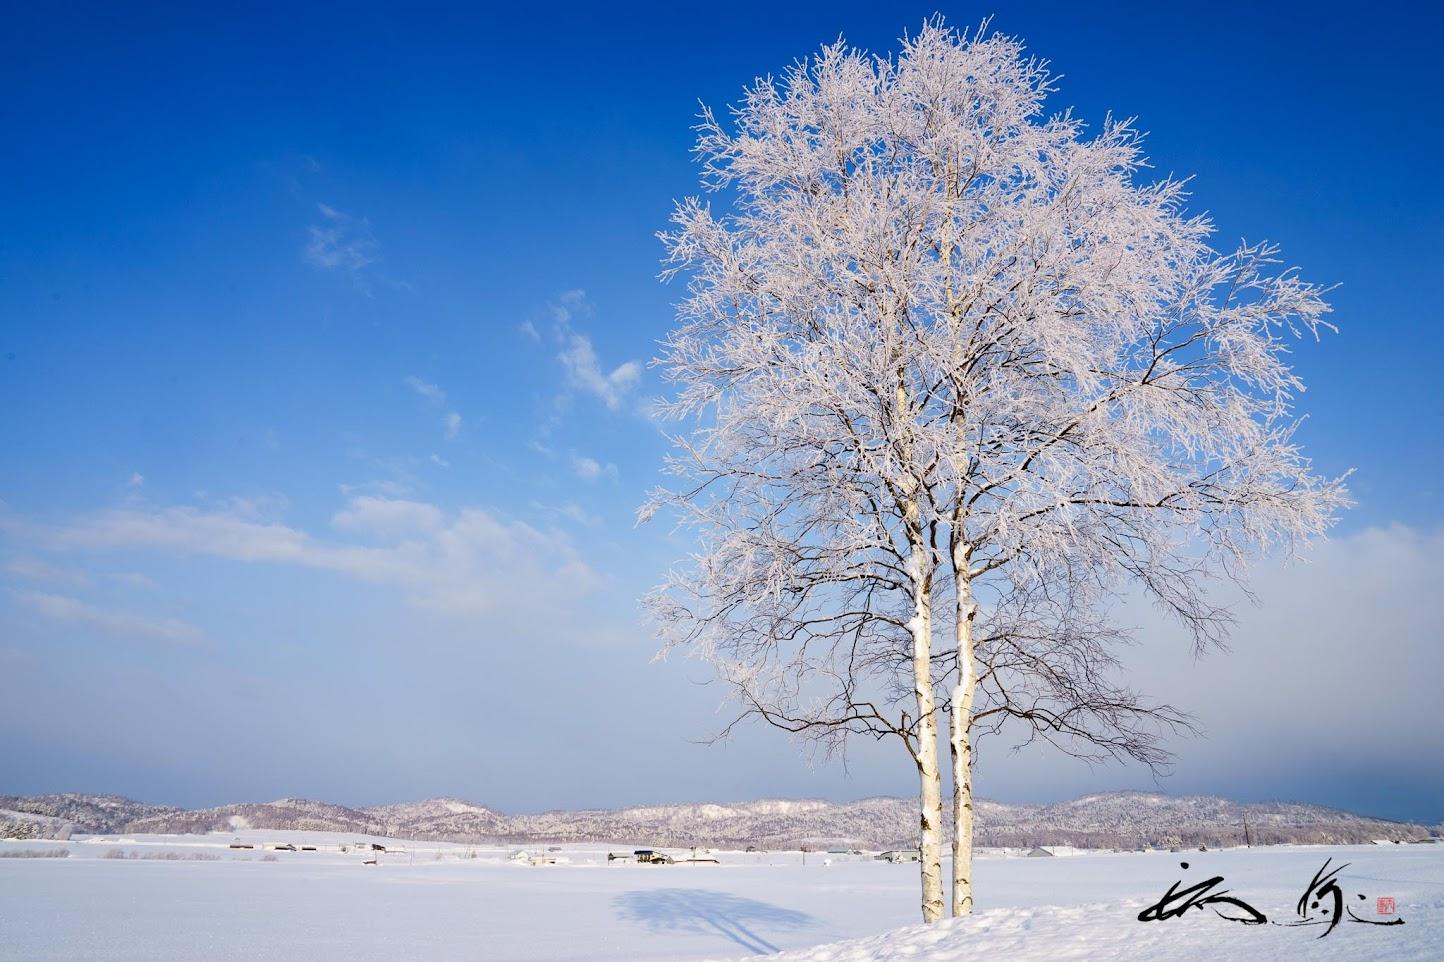 二本で一本のような白樺の木